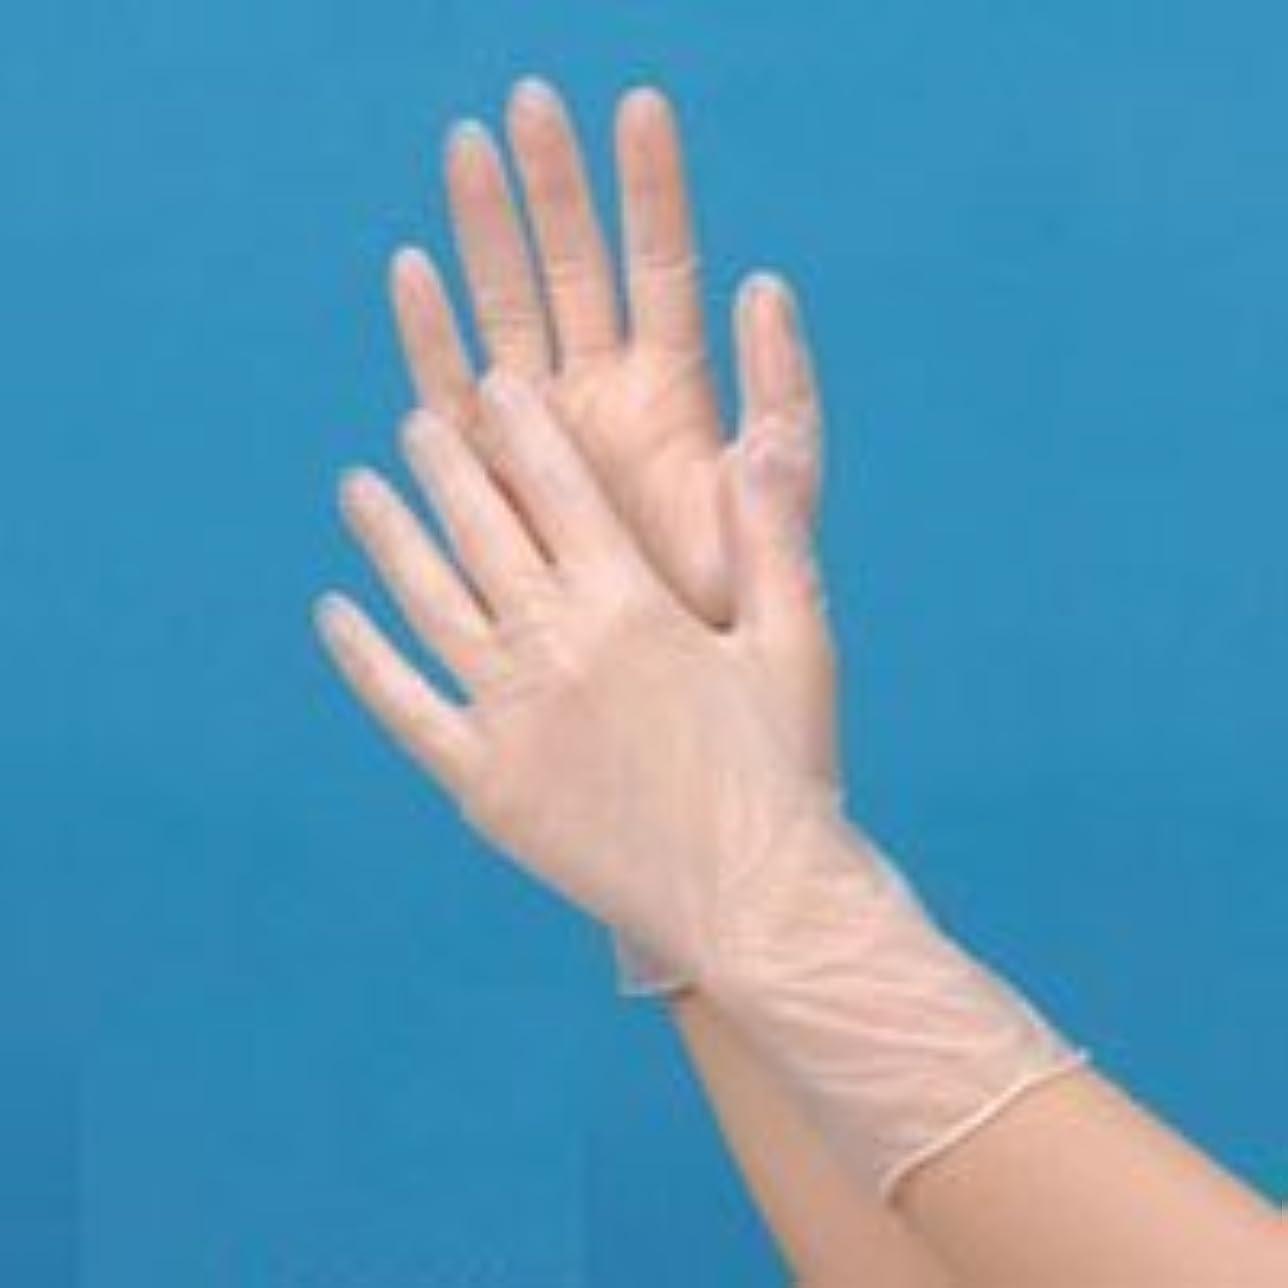 精神十億生命体プラスチック手袋ハイクリーン(パウダーフリー)S 100枚【食品対応】